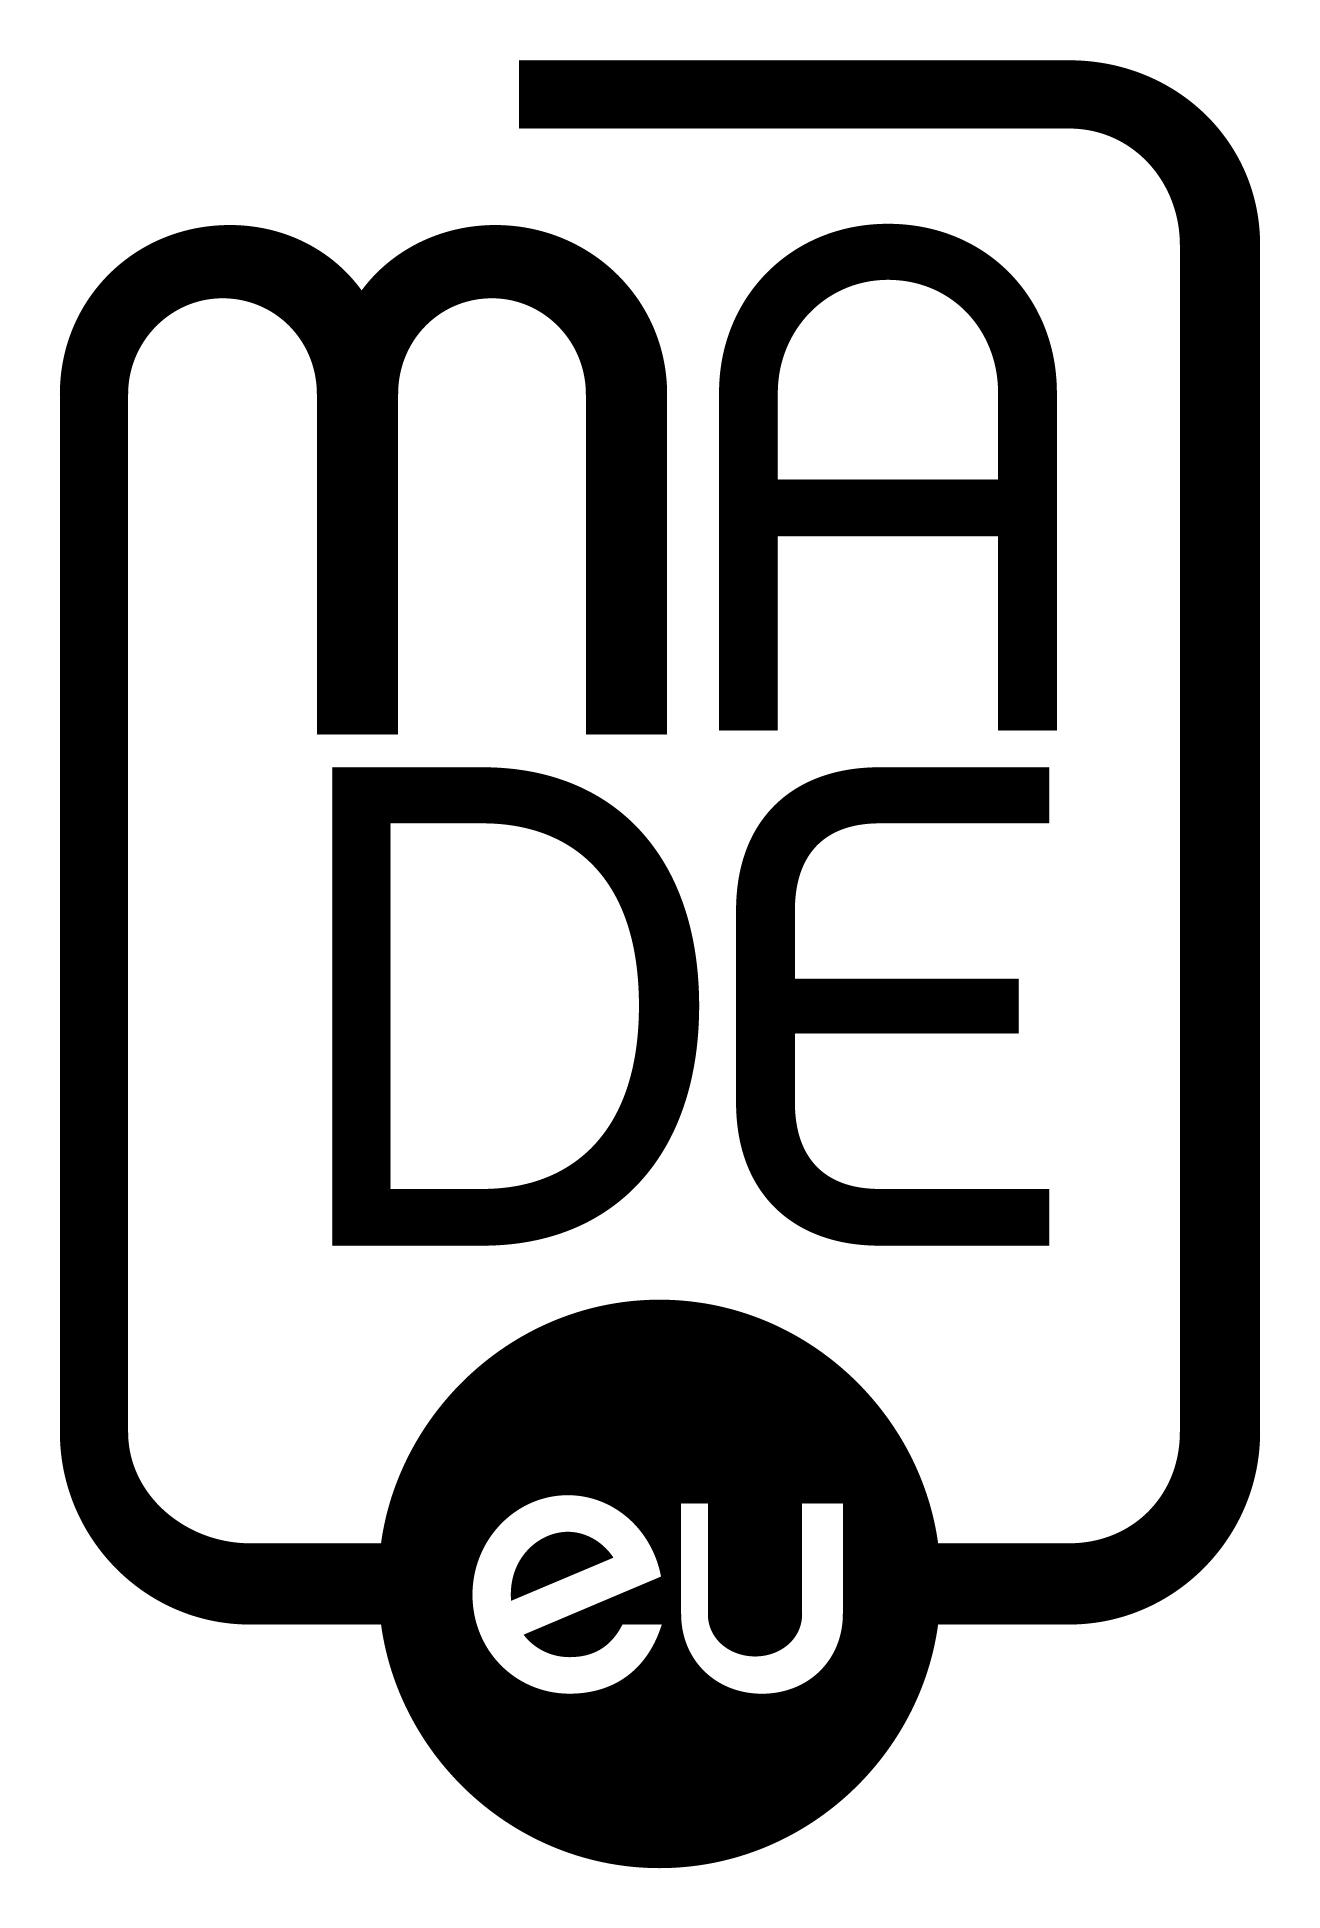 madeat-basic-logo-01